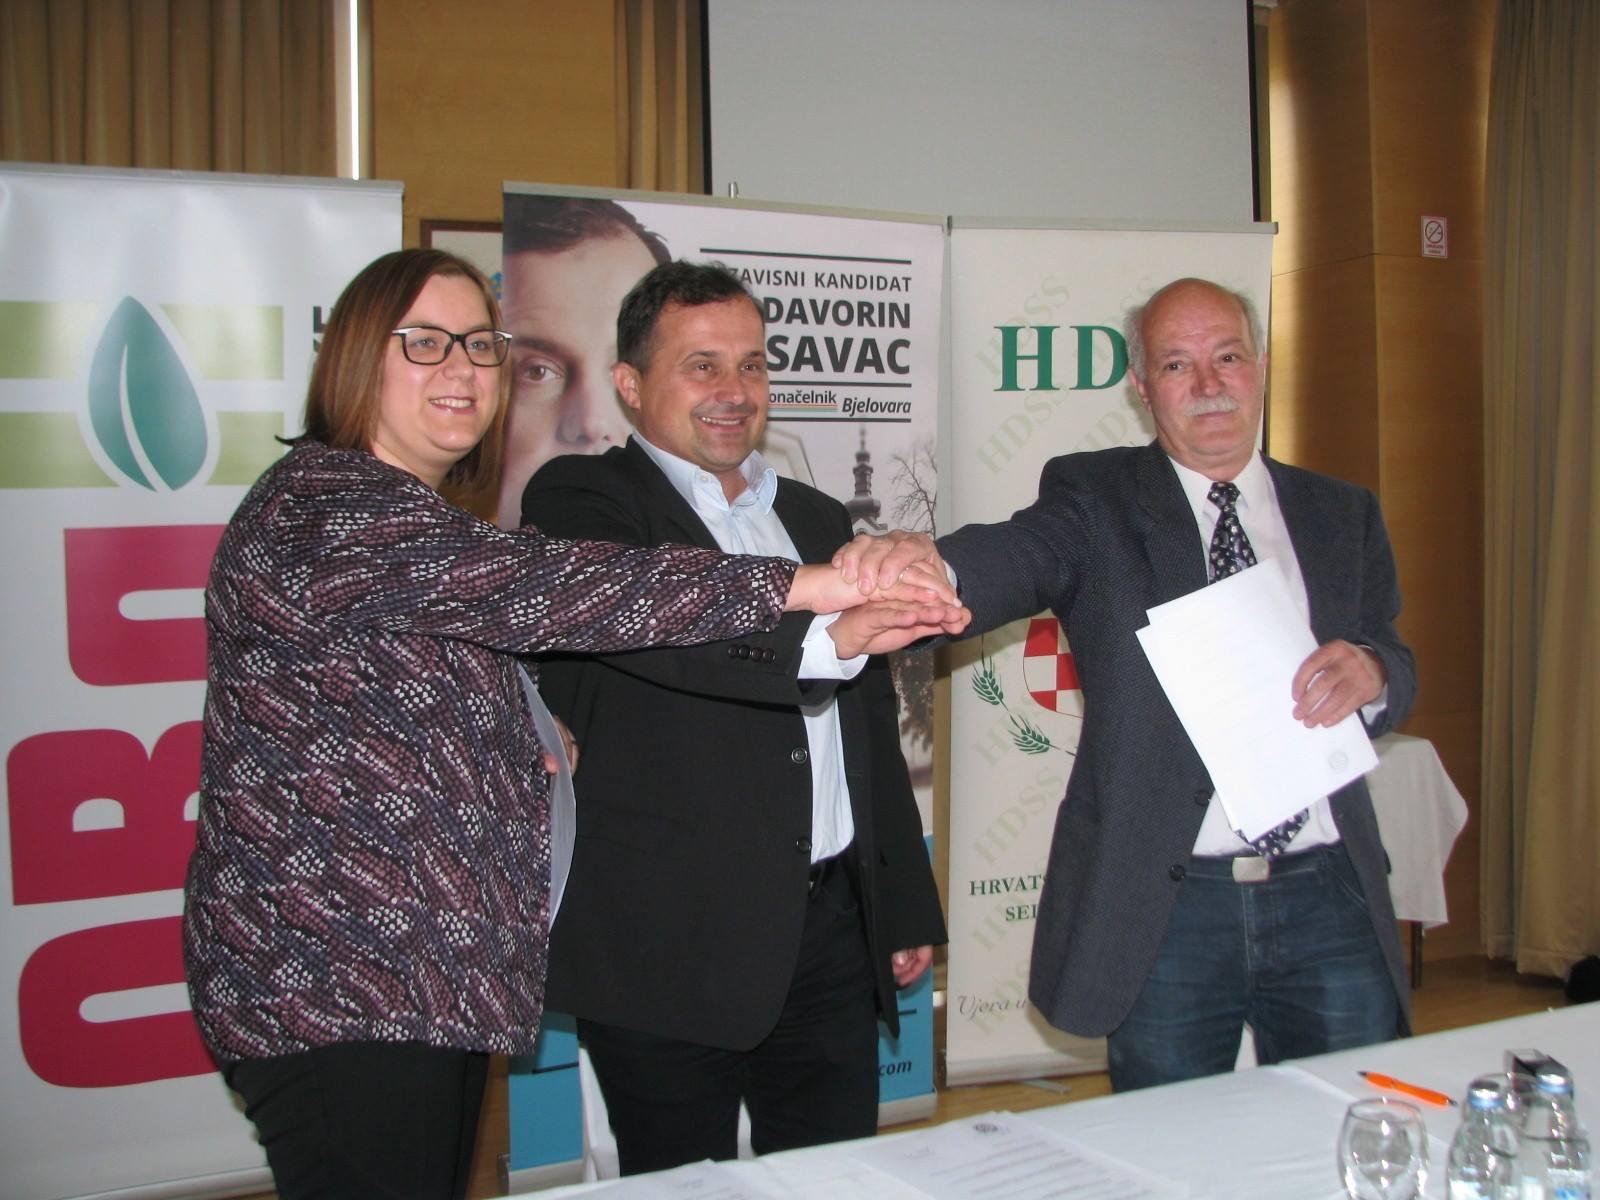 Davorina Posavca za gradonačelnika grada Bjelovara podržao HDSS i ORaH